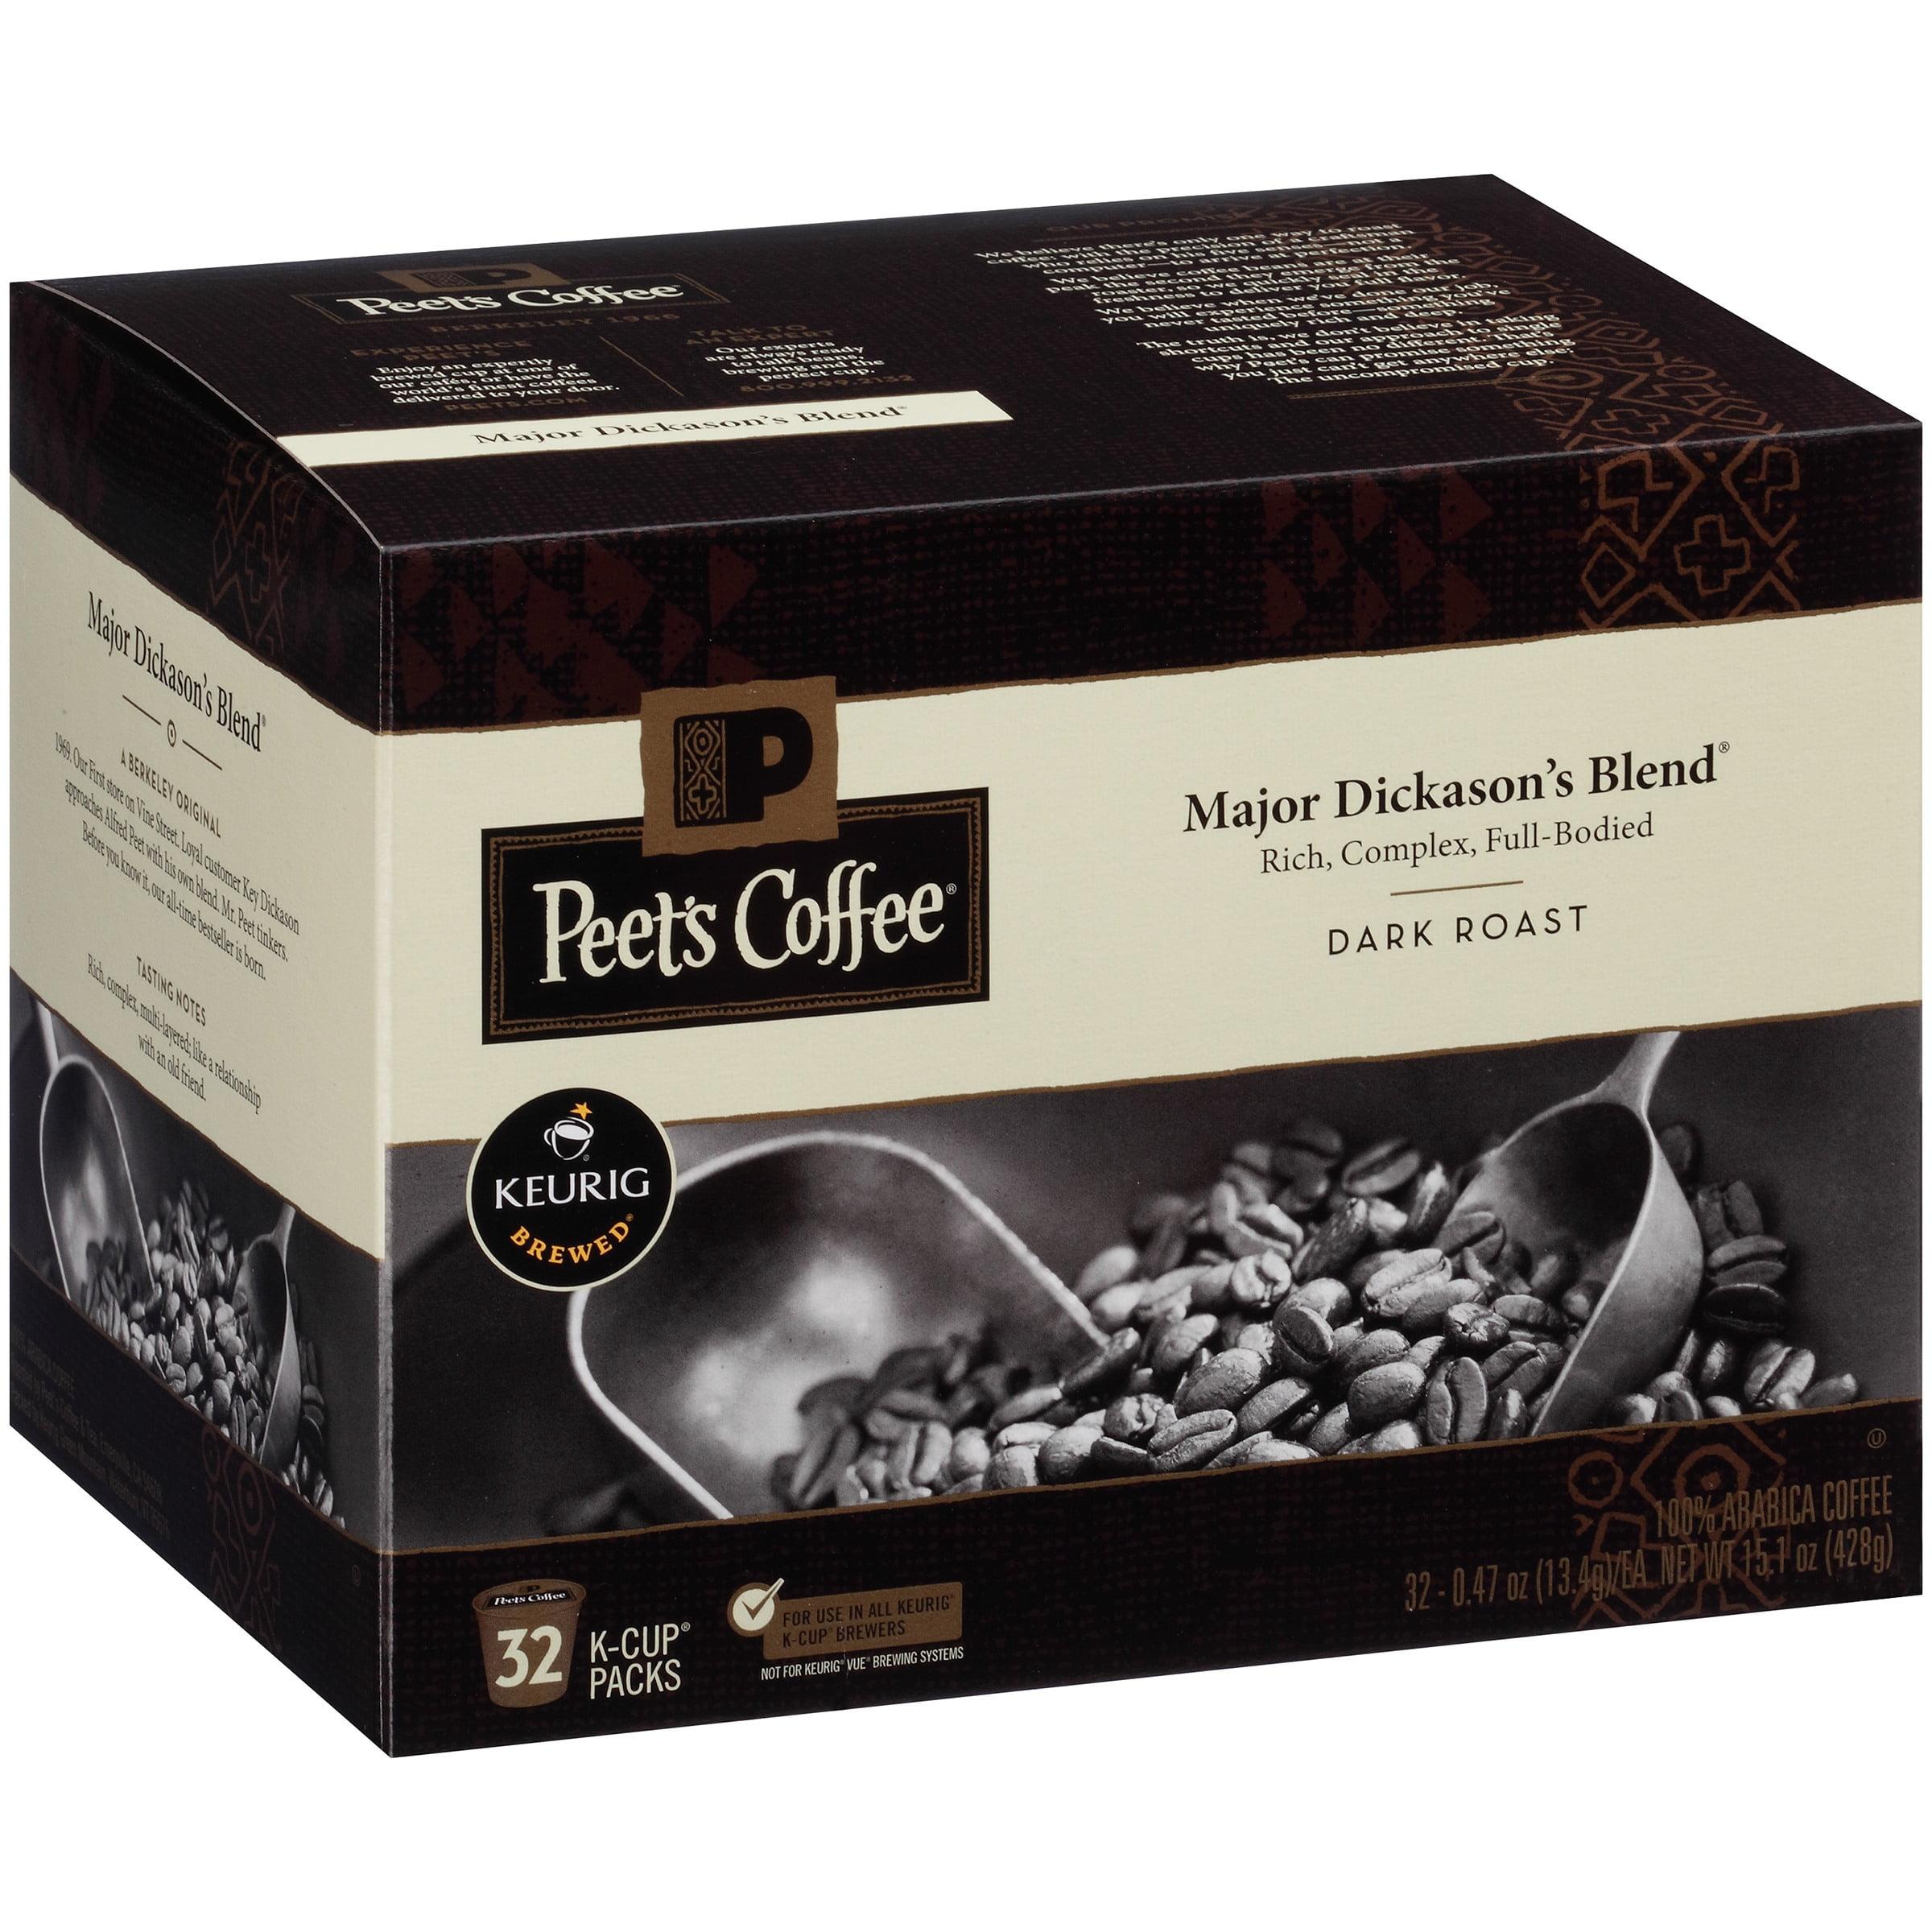 Peet's Coffee Major Dickason's Blend Dark Roast Coffee K-Cup Packs, 0.47 oz, 32 count